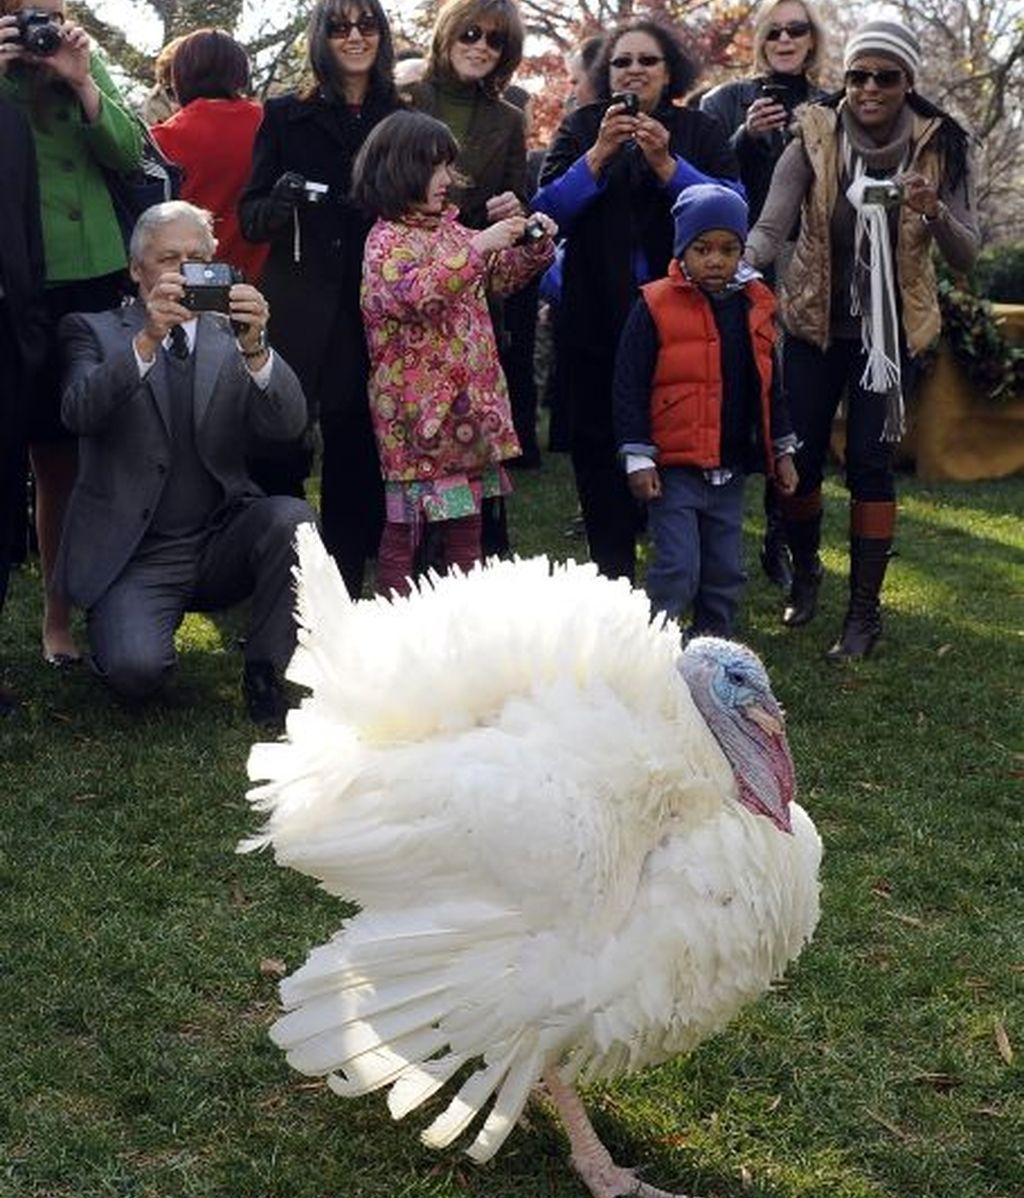 El pavo, agradecido por el indulto, posa para las cámaras